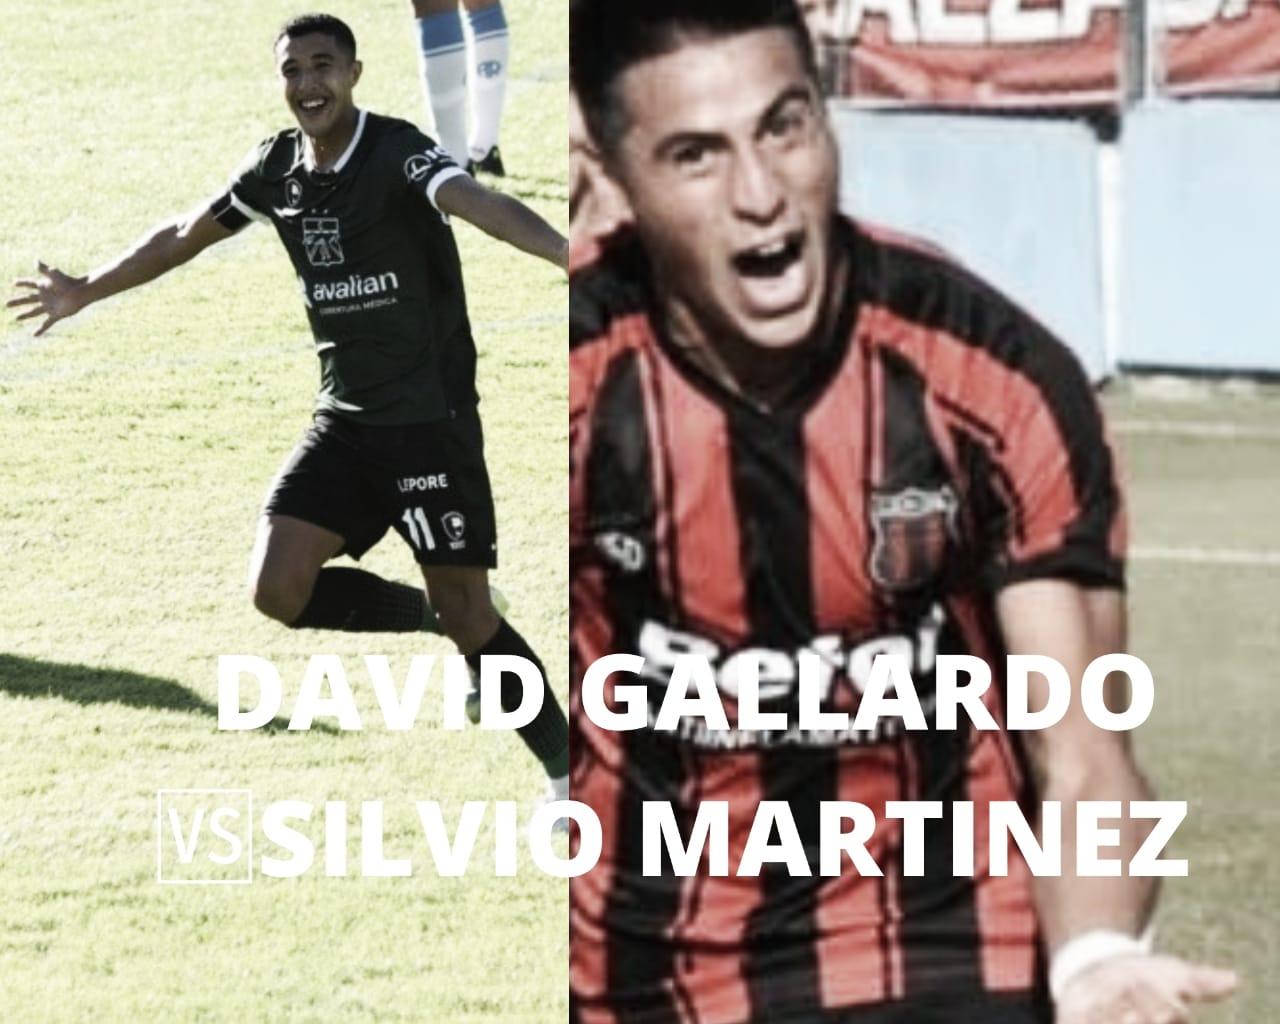 David Gallardo vs Silvio Martínez: Goles y juego